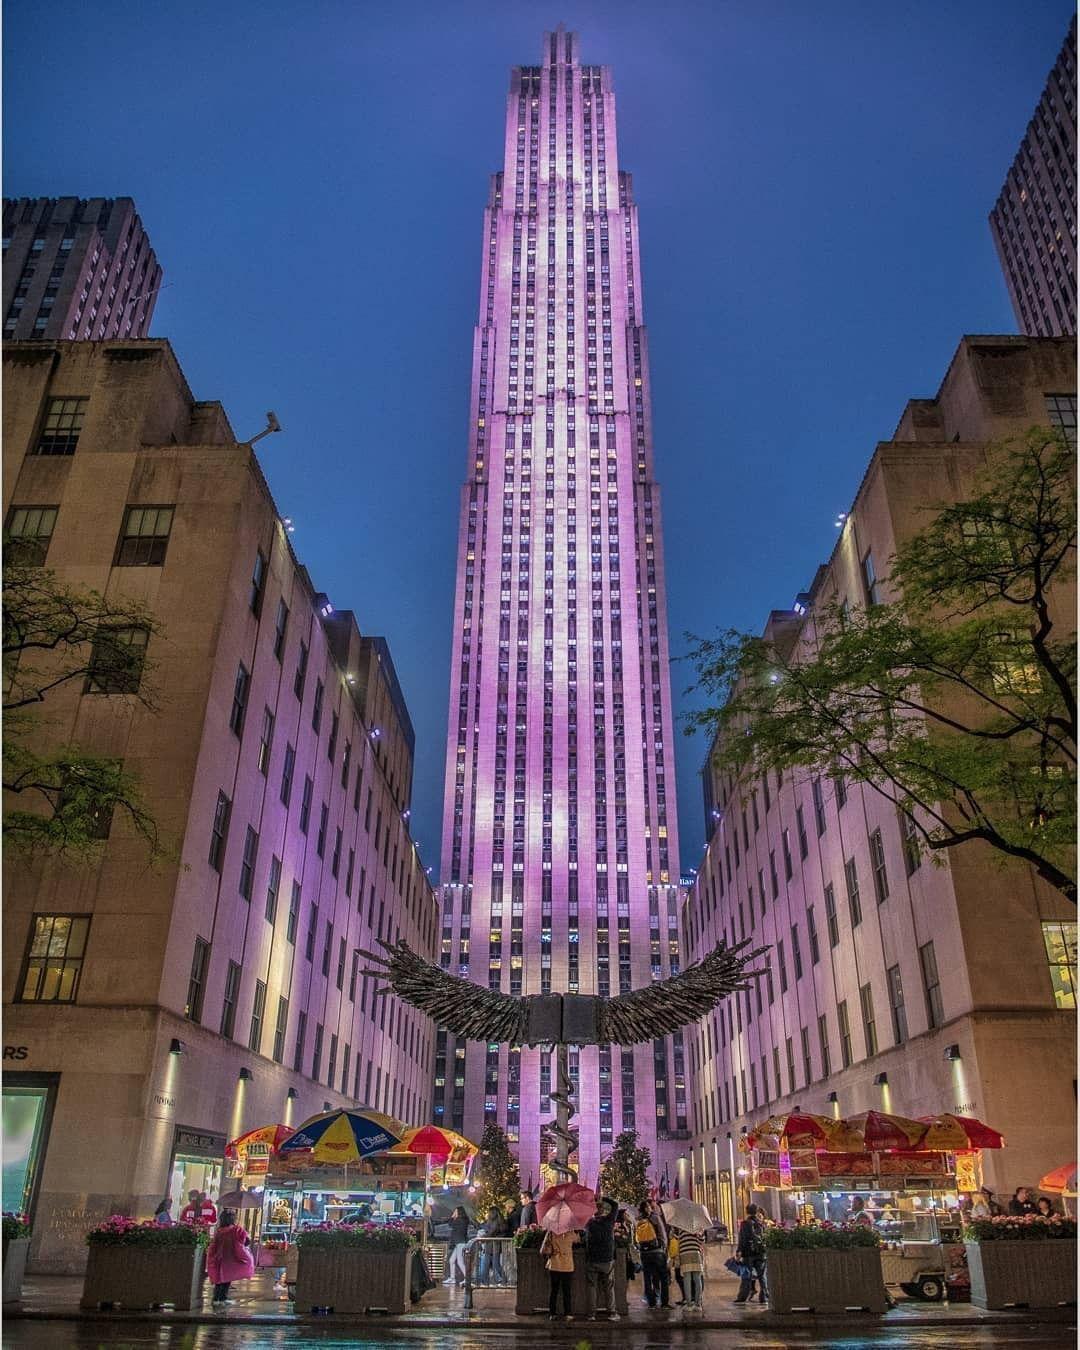 #newyork #newyorkcity #rockefellercenter #ilovenewyork